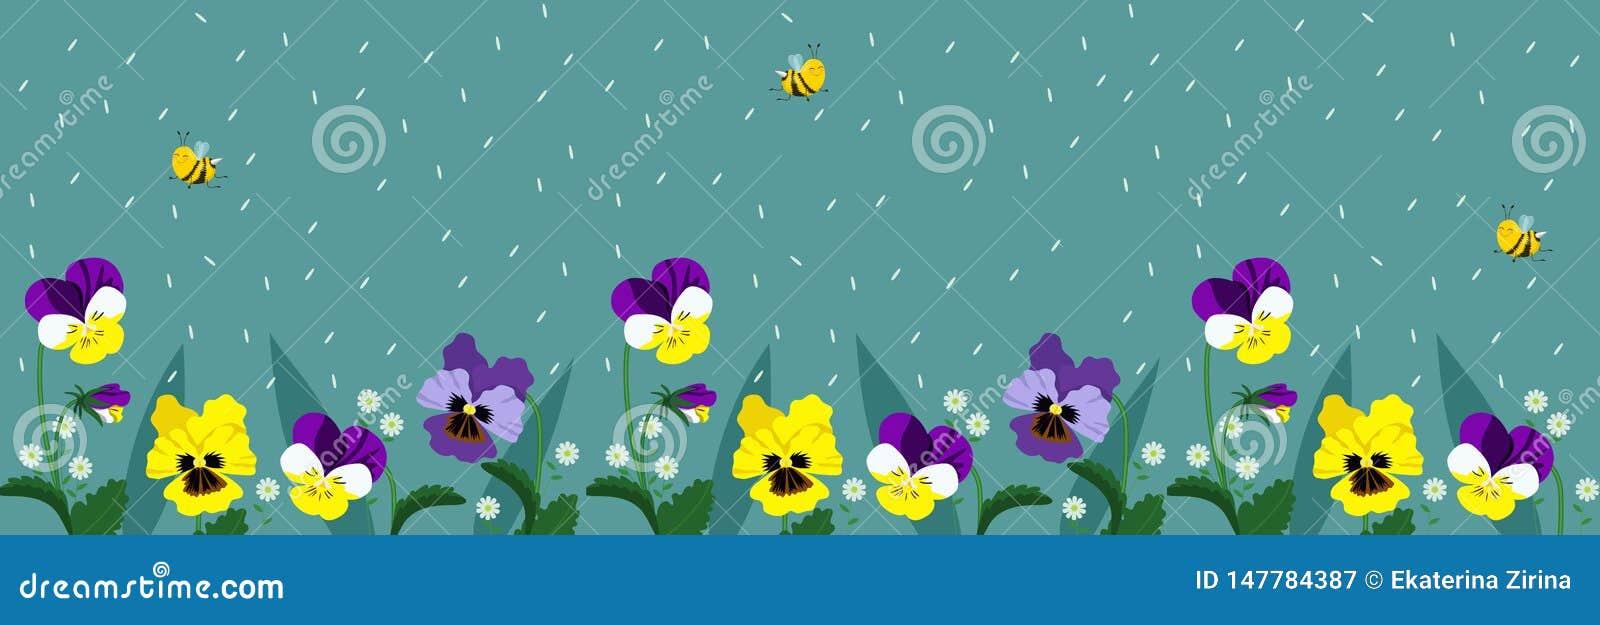 Horisontalbaner med gulliga bin och blommor En affisch med flygbin och fallande kronblad av turkosfärg vektor